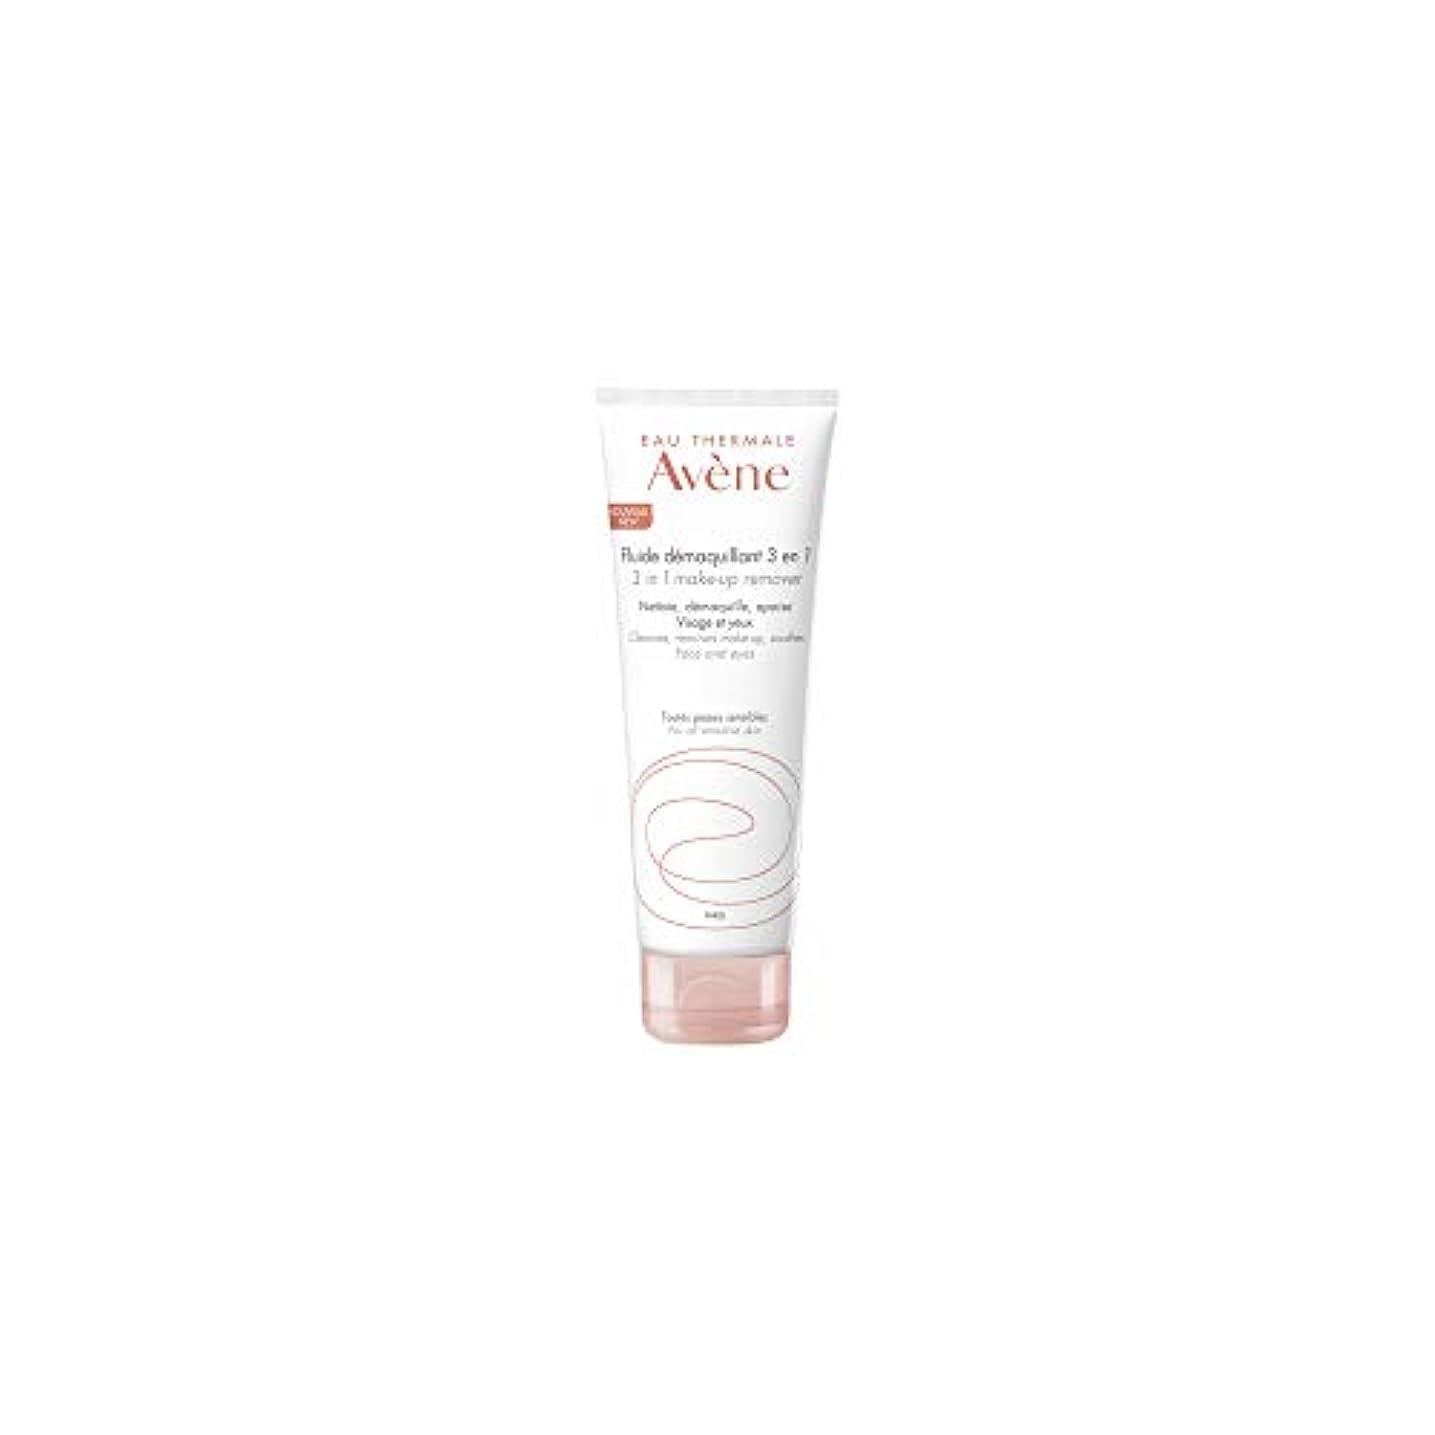 自動車ホイップ更新するアベンヌ 3 In 1 Make-Up Remover (Face & Eyes) - For All Sensitive Skin 200ml/6.7oz並行輸入品